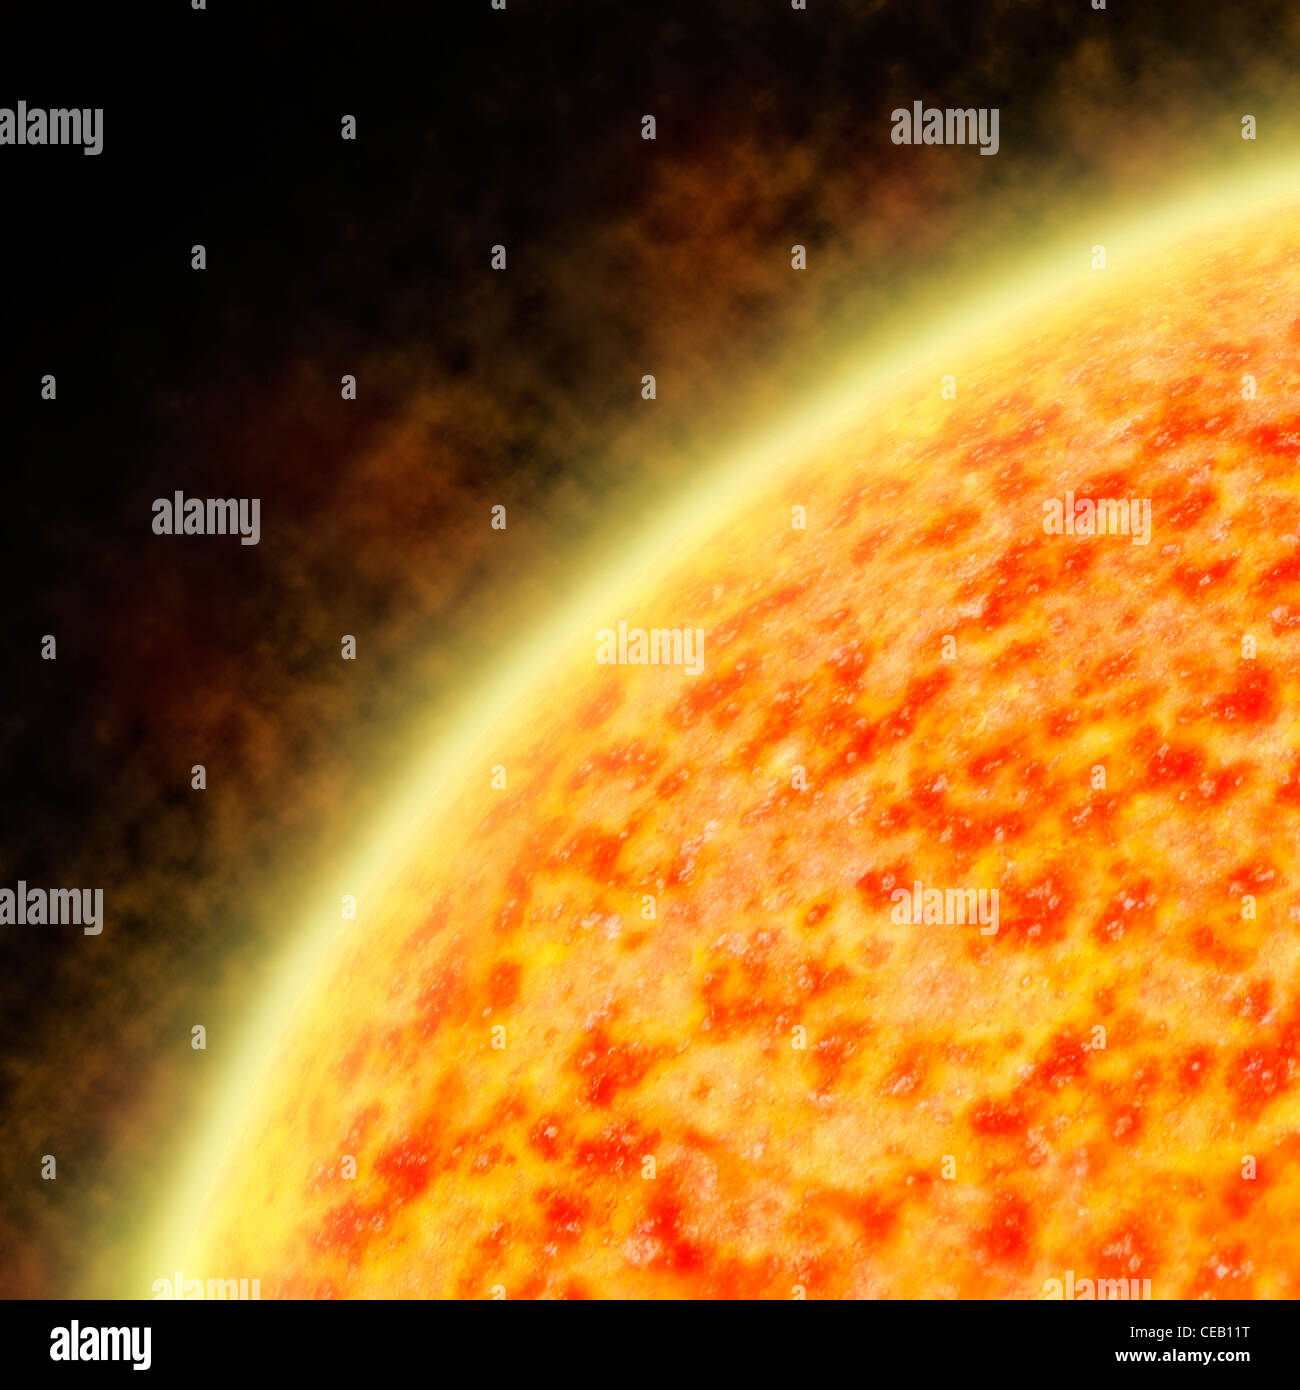 Illustration du soleil irradiant un vent solaire montrant les régions irrégulières Photo Stock